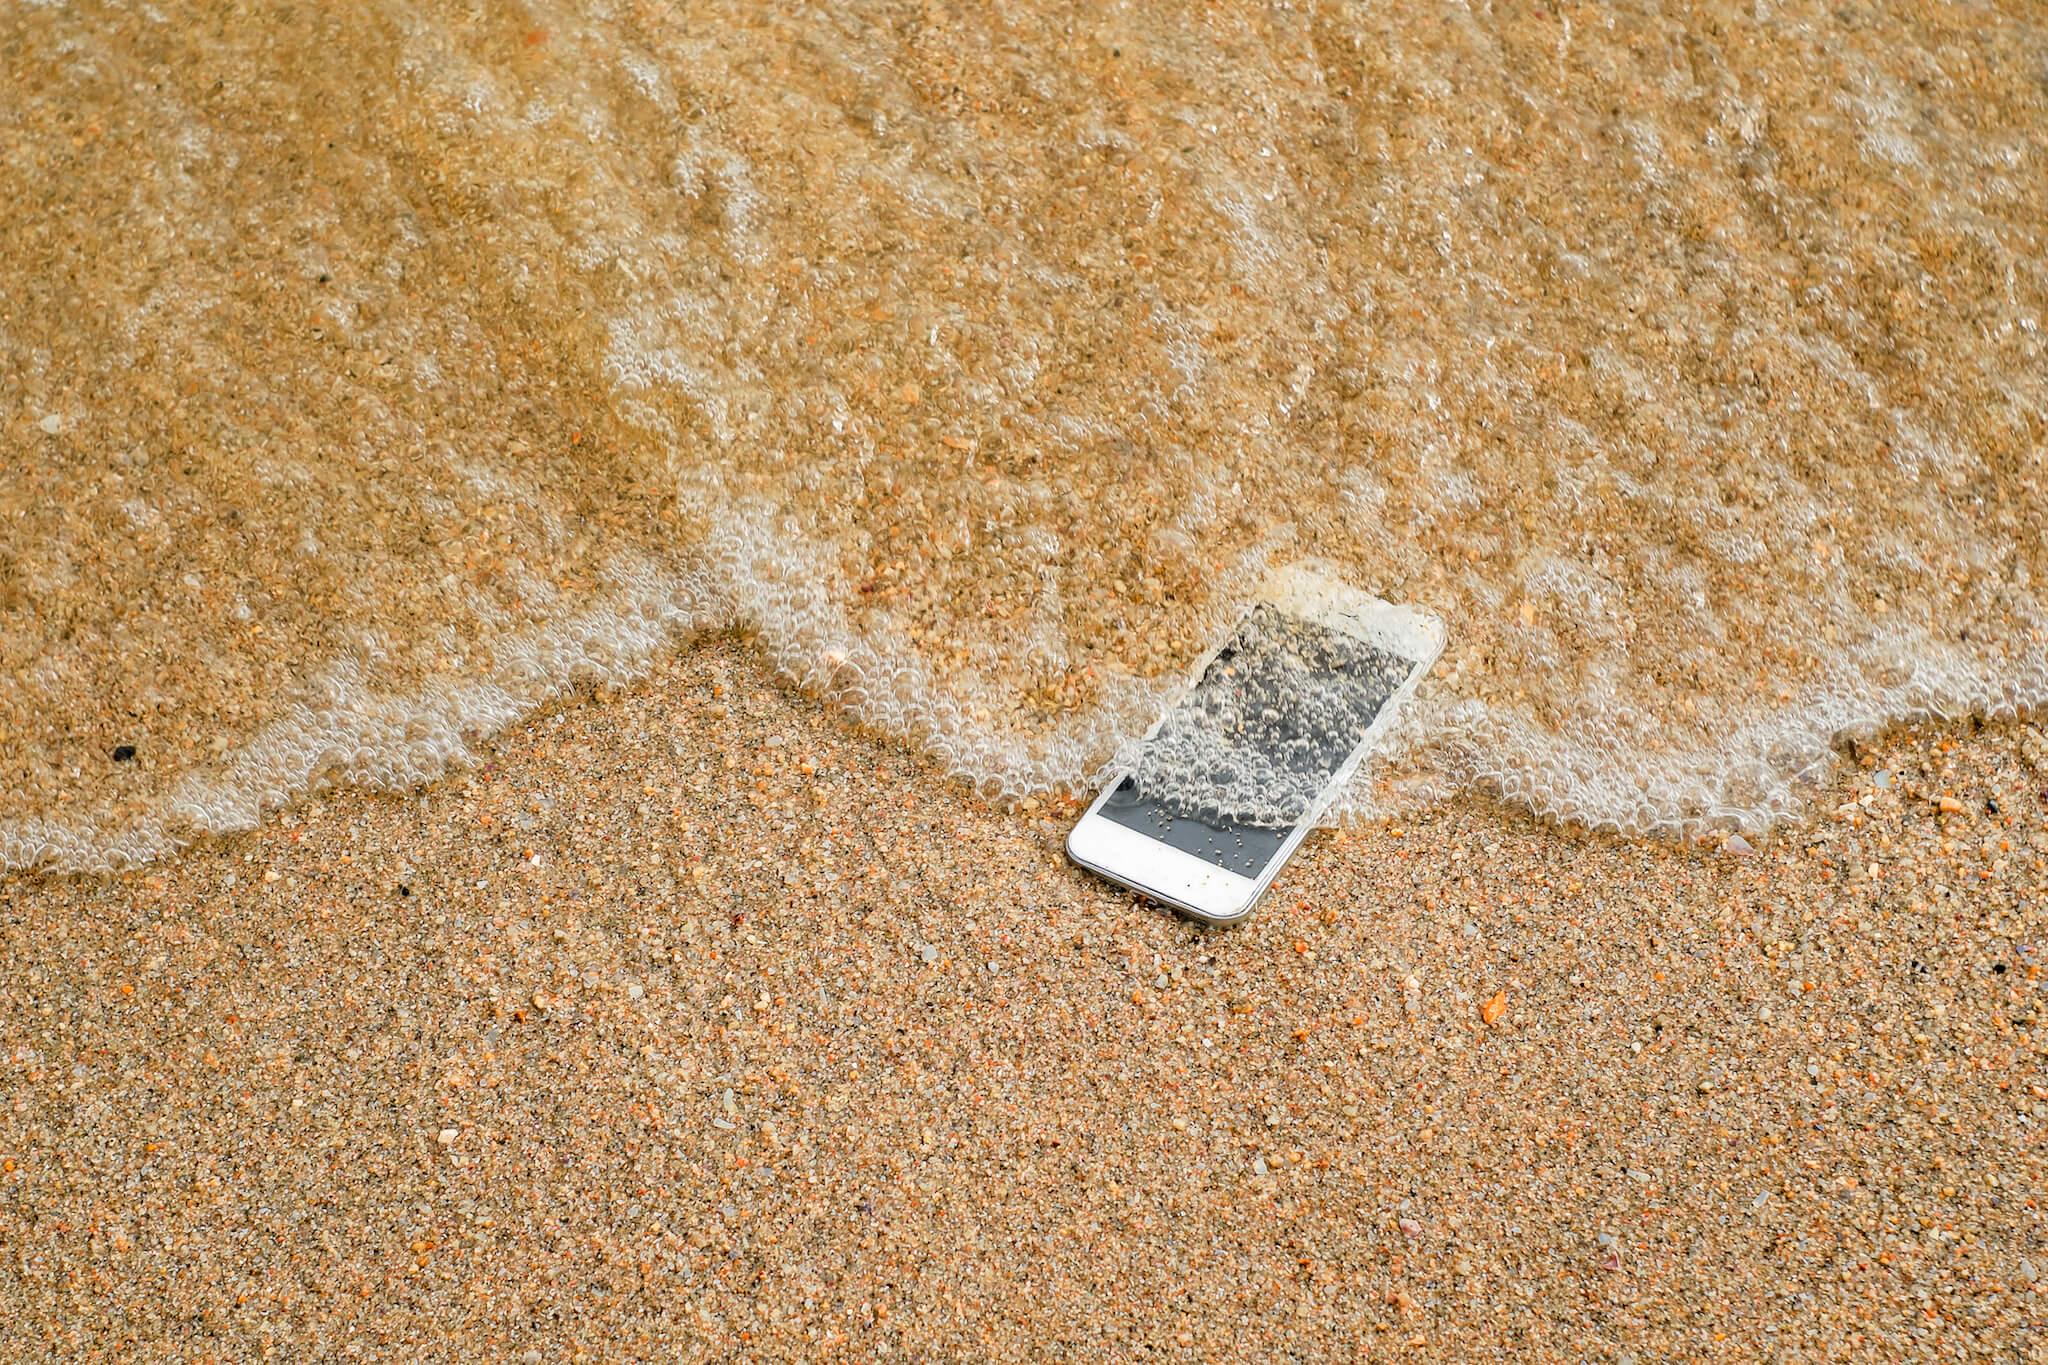 Smartphone tombé dans la mer